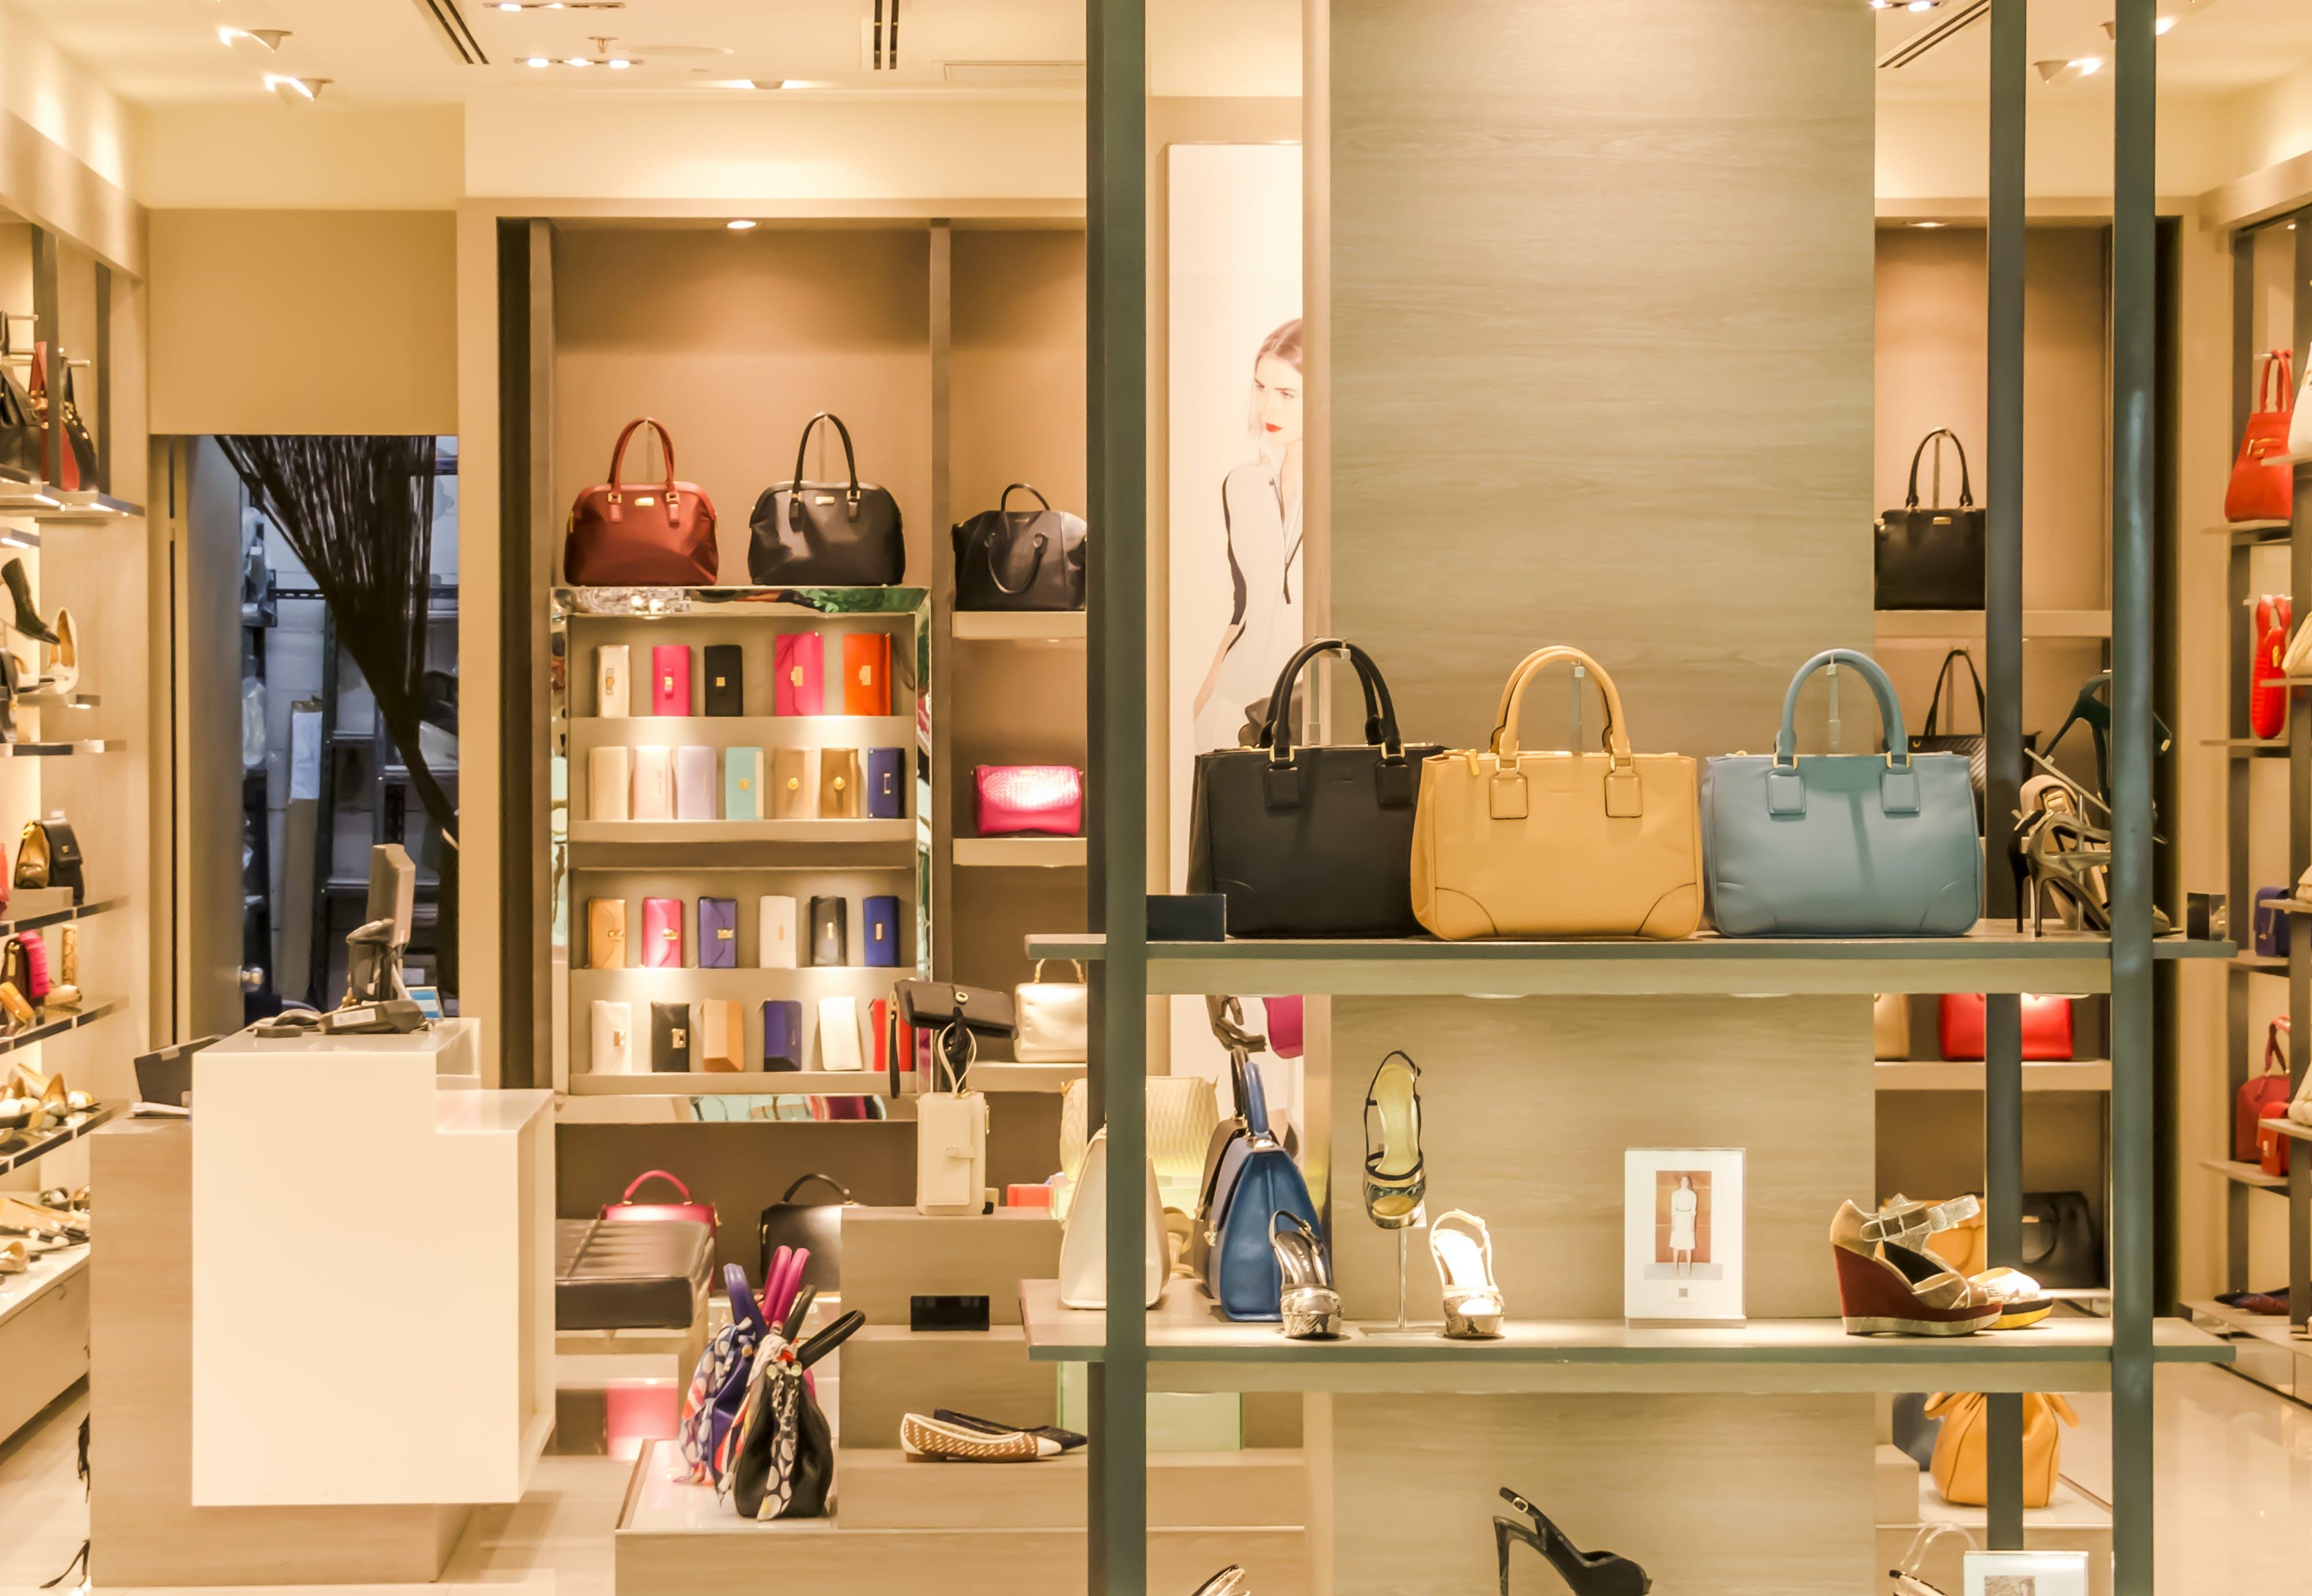 Immagine gratuita di abbigliamento, armadio, boutique, colori